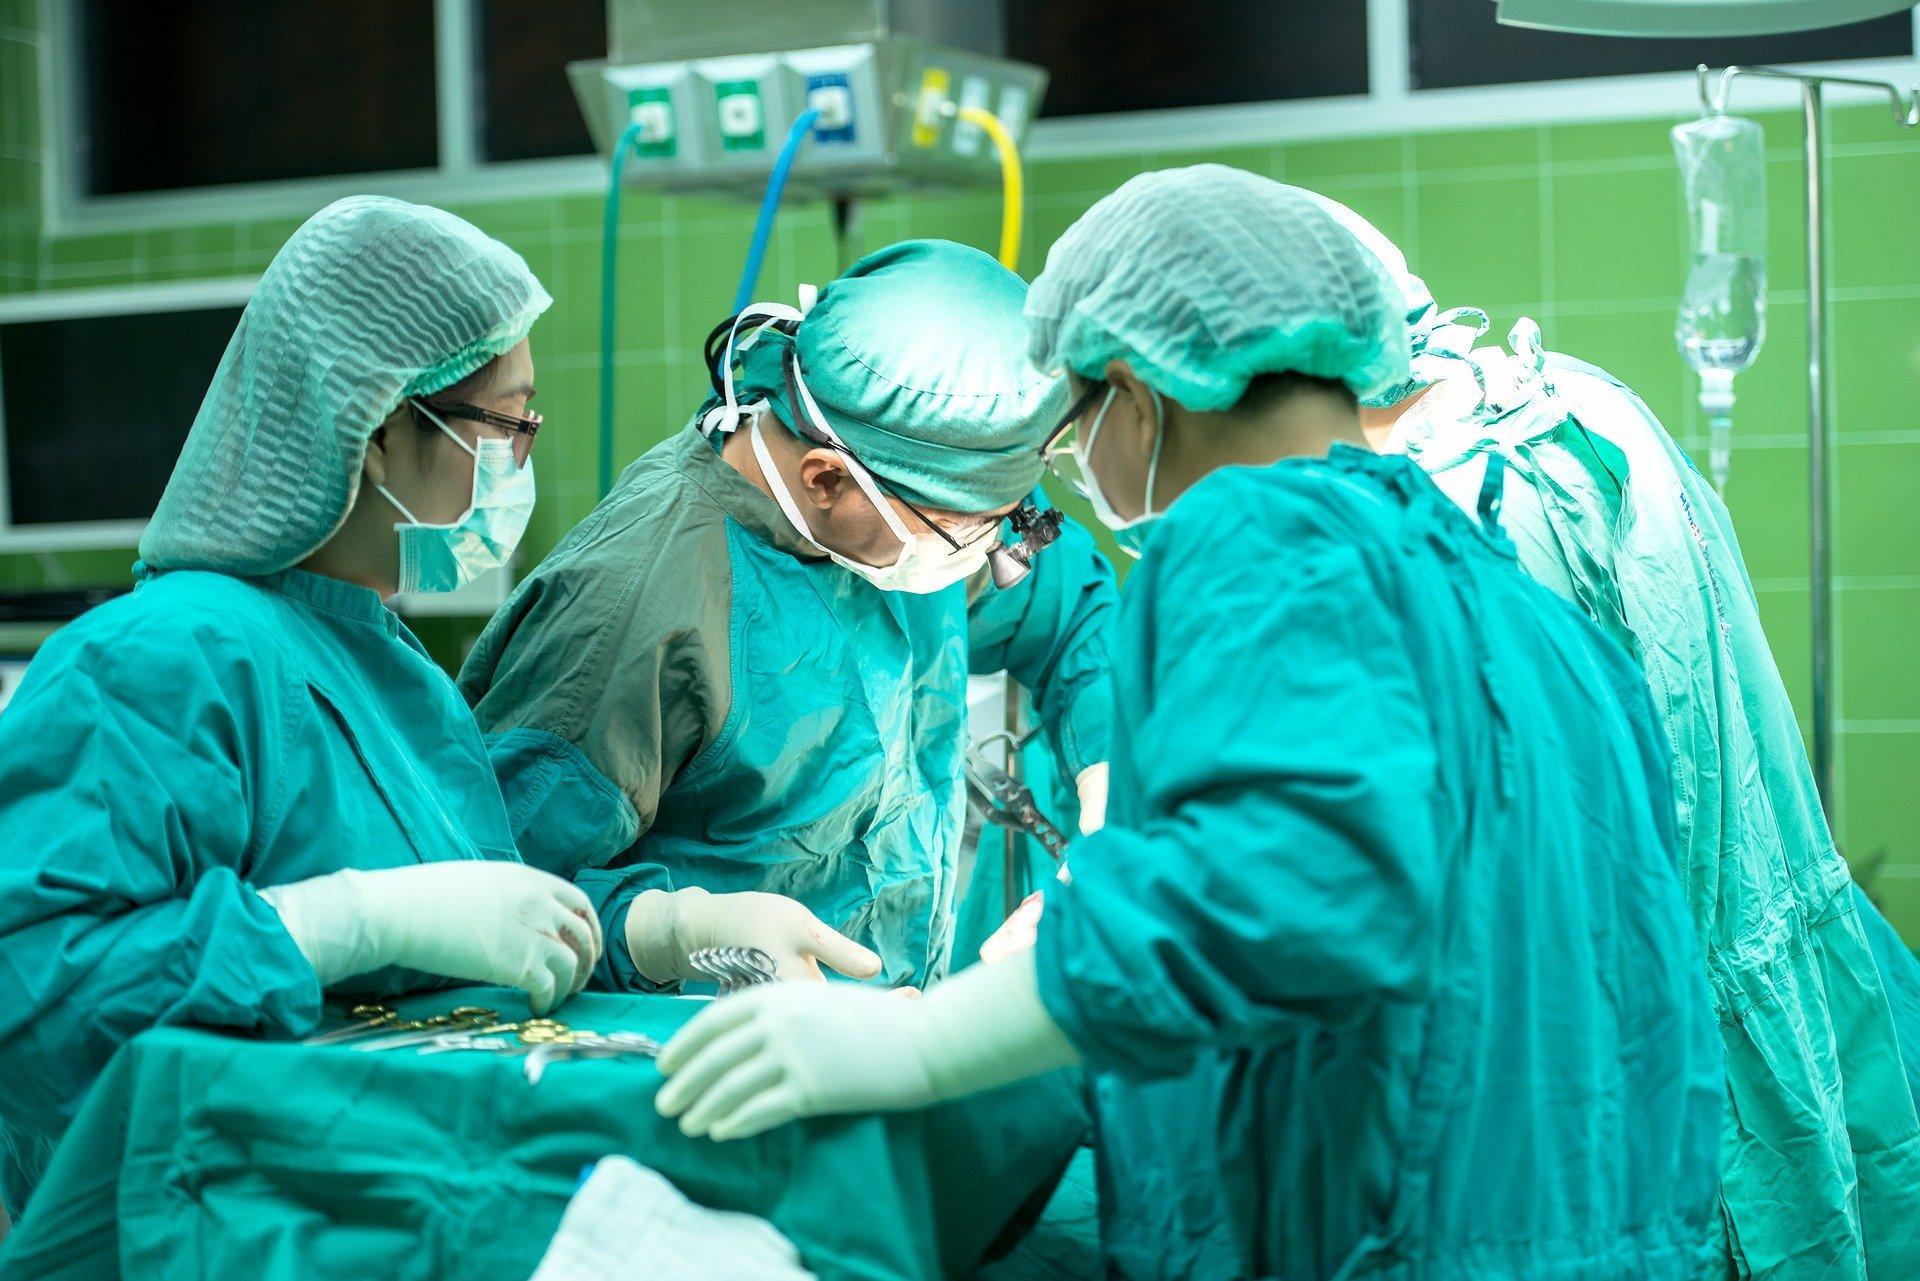 Três médicos com roupa azul com instrumentos médico operando um indivíduo